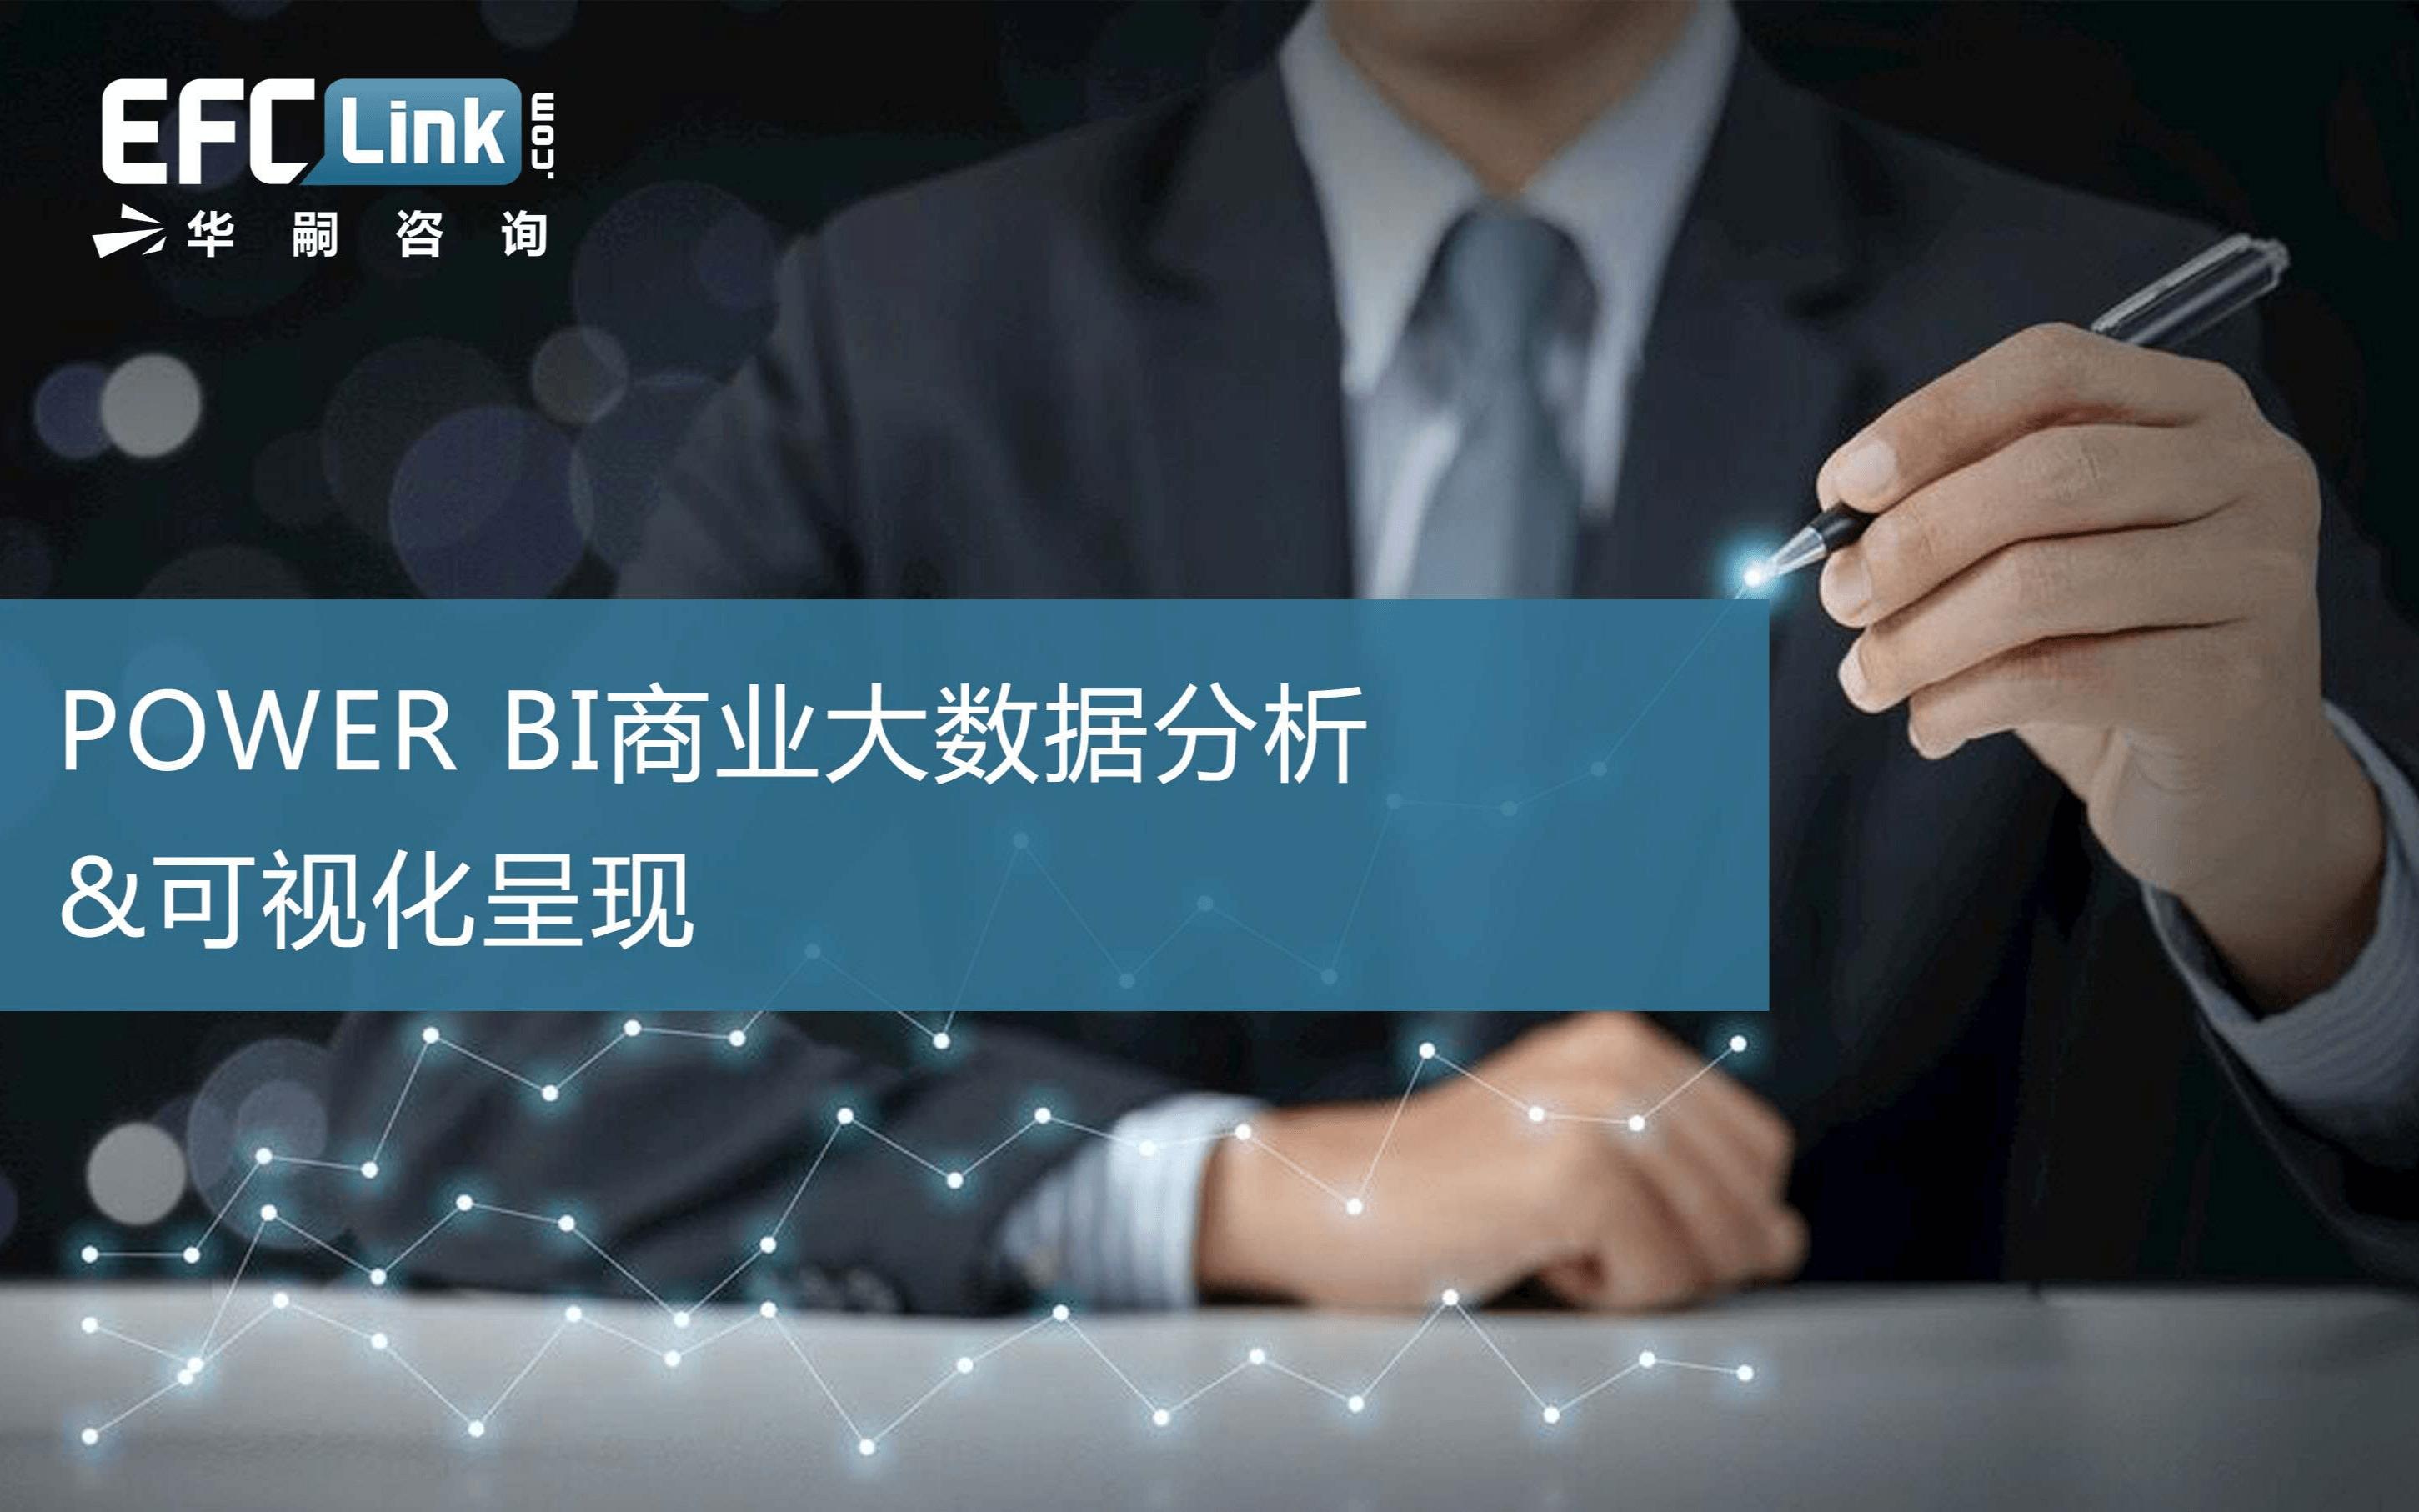 2020POWER BI商业大数据分析&可视化呈现(北京-11月20日)